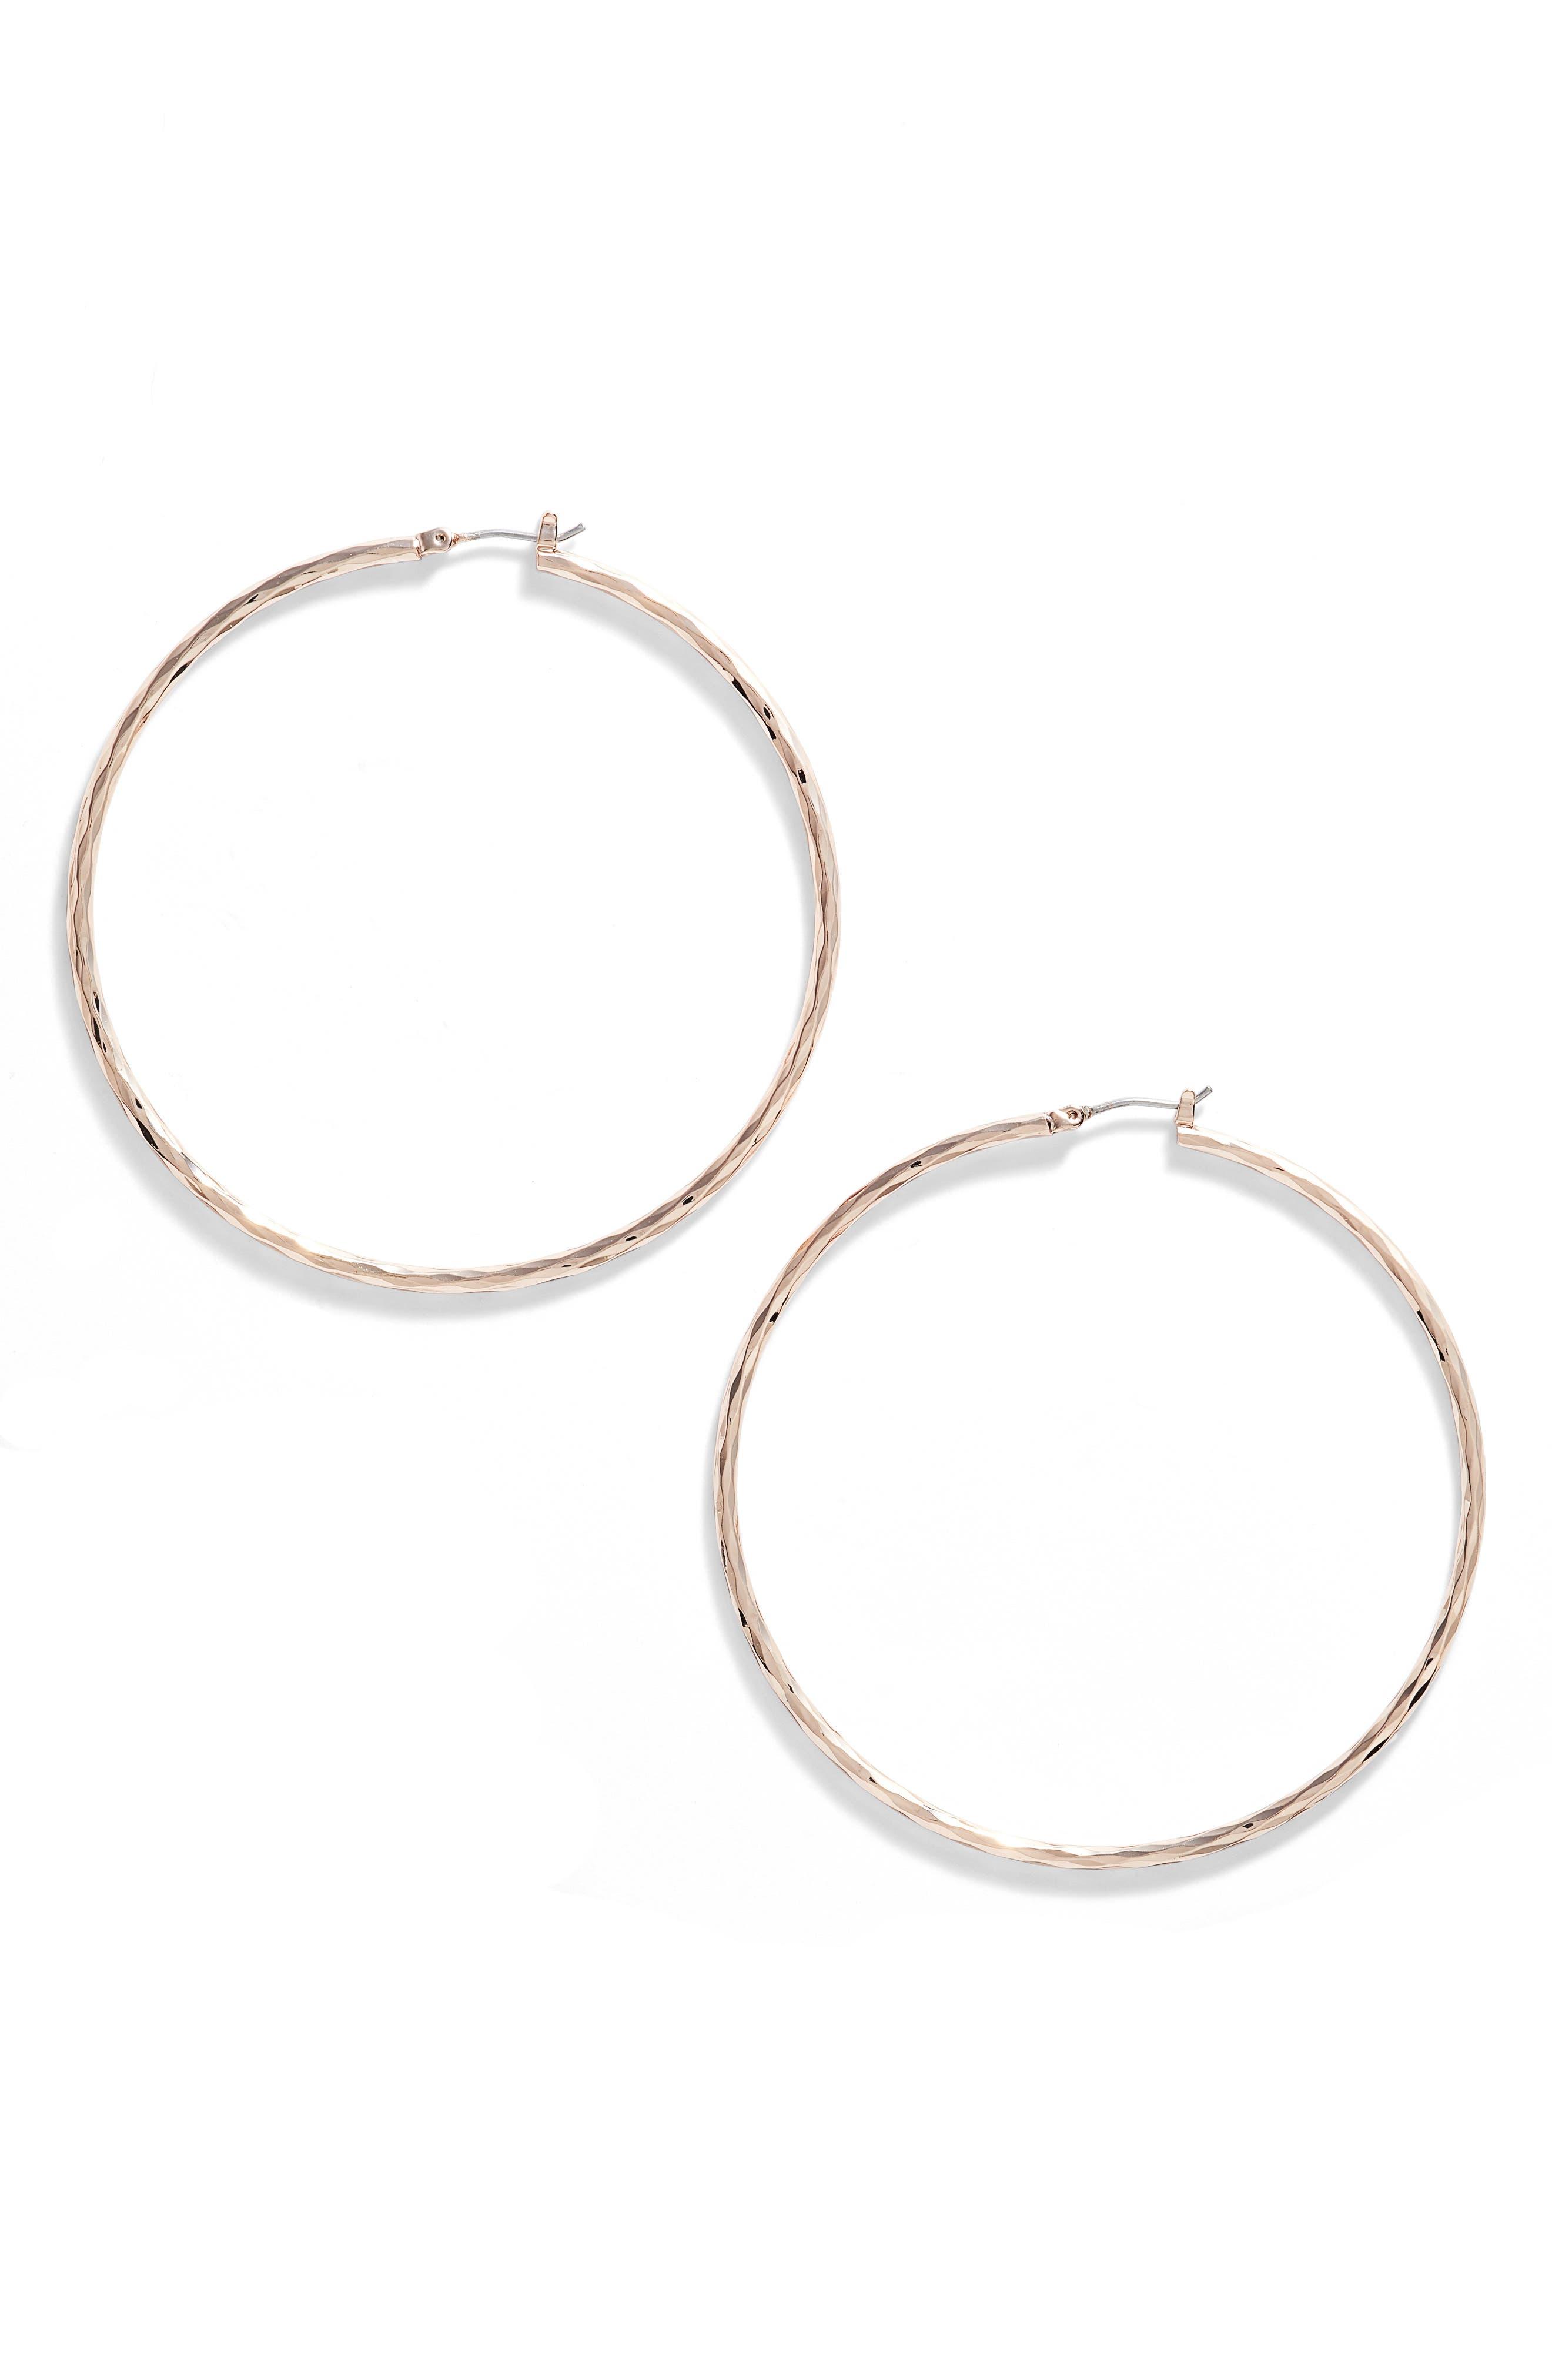 Main Image - Nordstrom Hammered Hoop Earrings